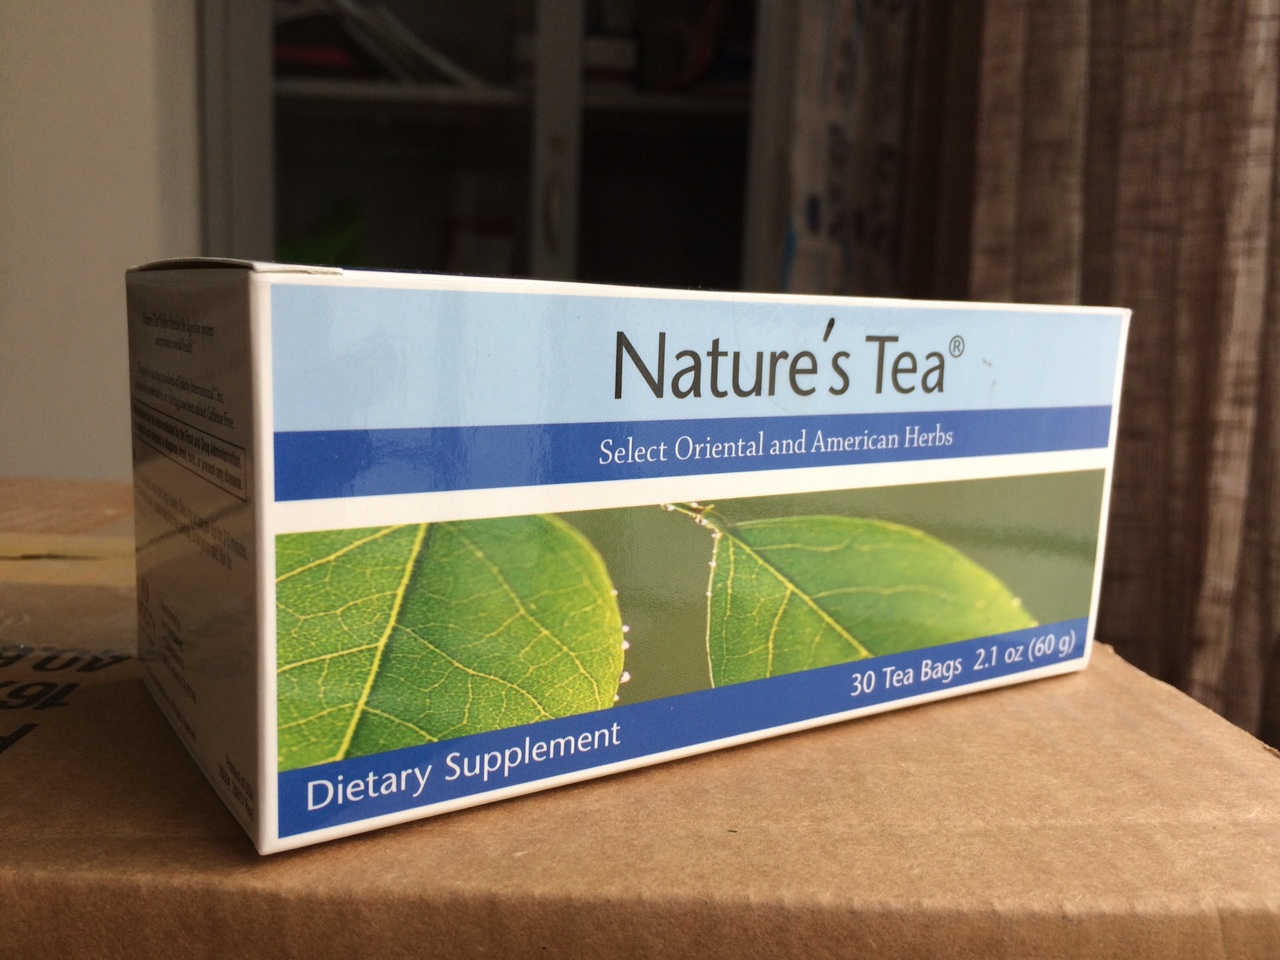 Trà thải độc ruột Nature's Tea của Unicity